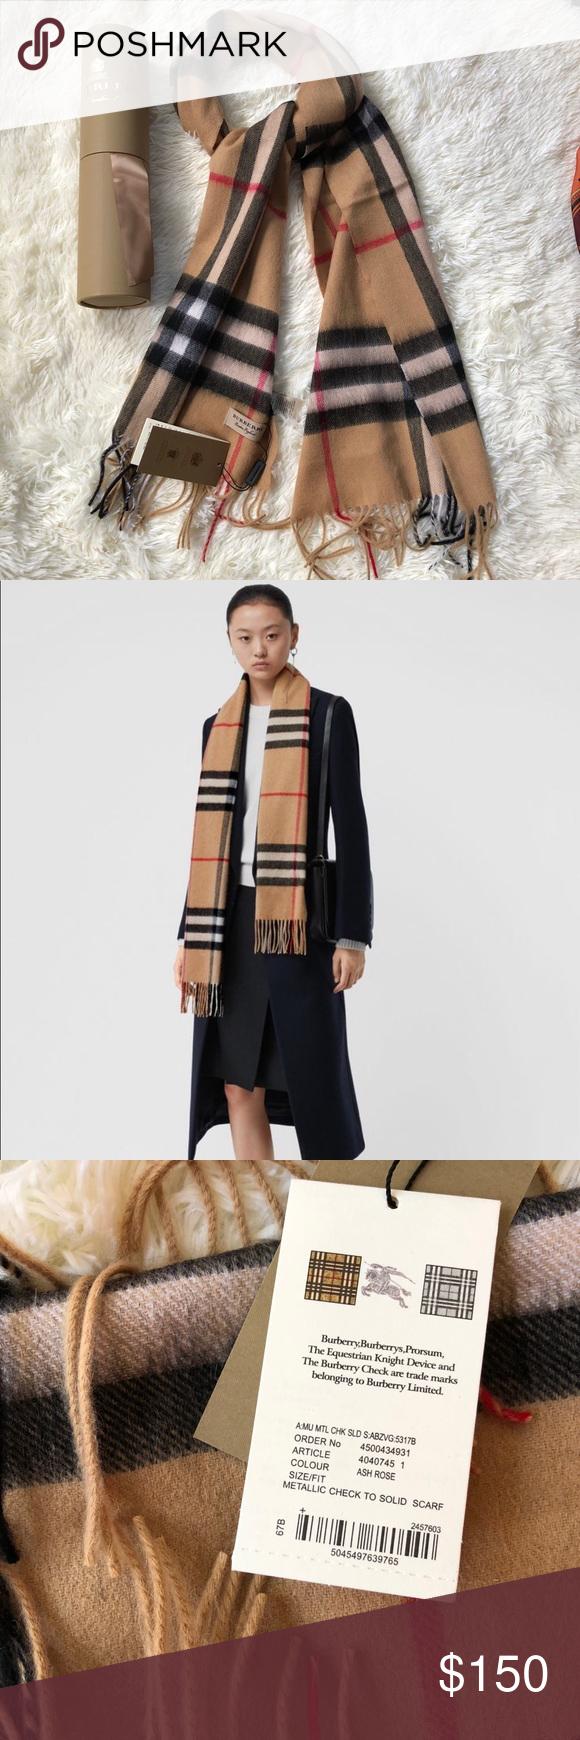 Burberry cashmere scarf Burberry cashmere scarf brand new